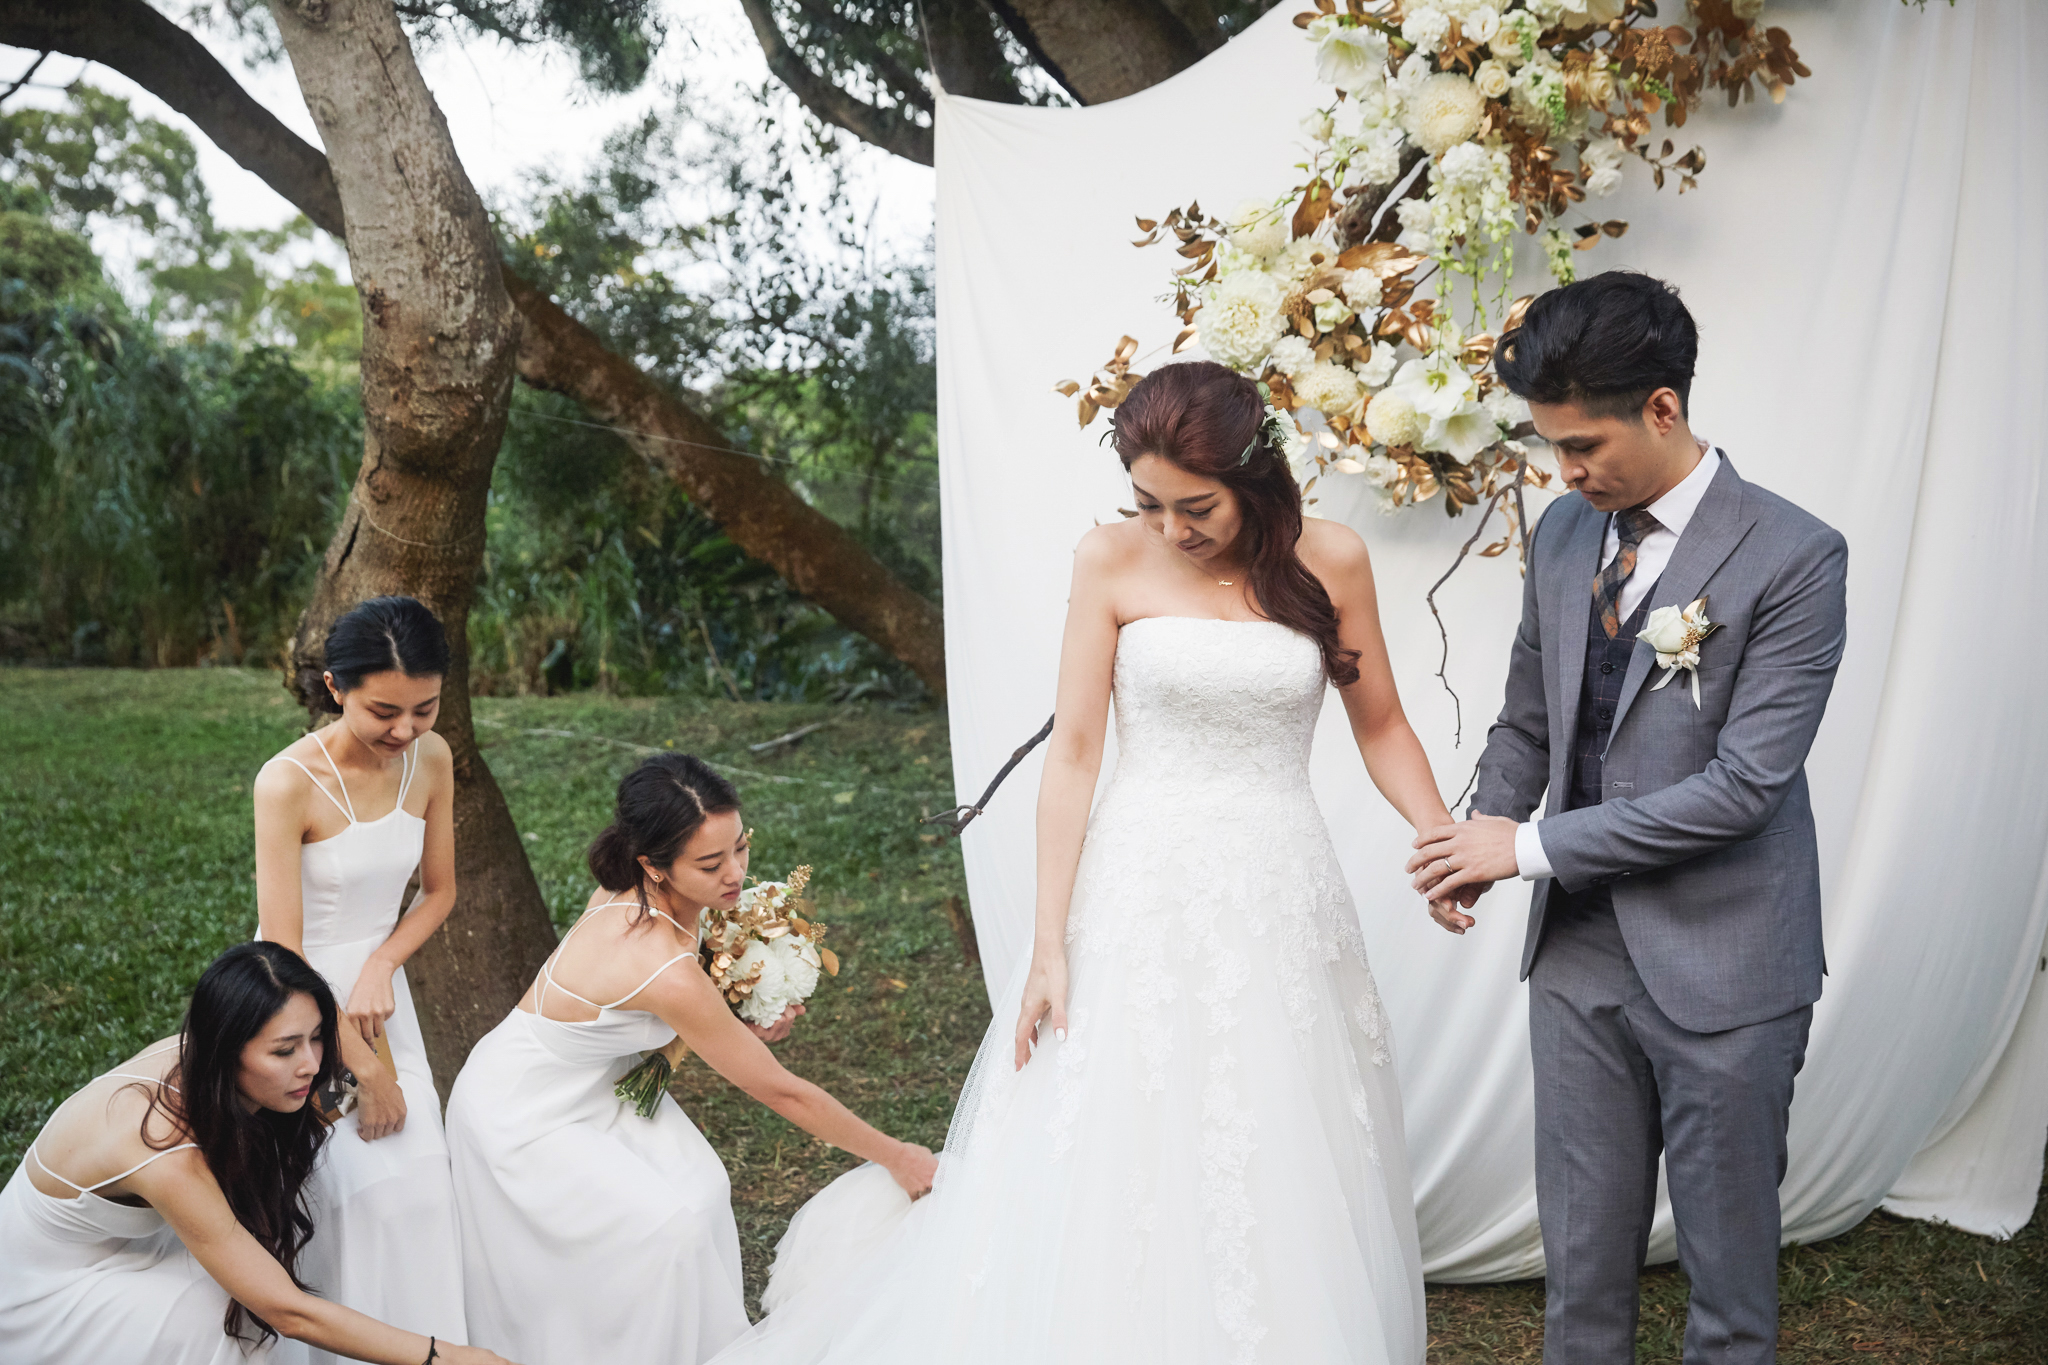 顏牧牧場婚禮, 婚攝推薦,台中婚攝,後院婚禮,戶外婚禮,美式婚禮-64